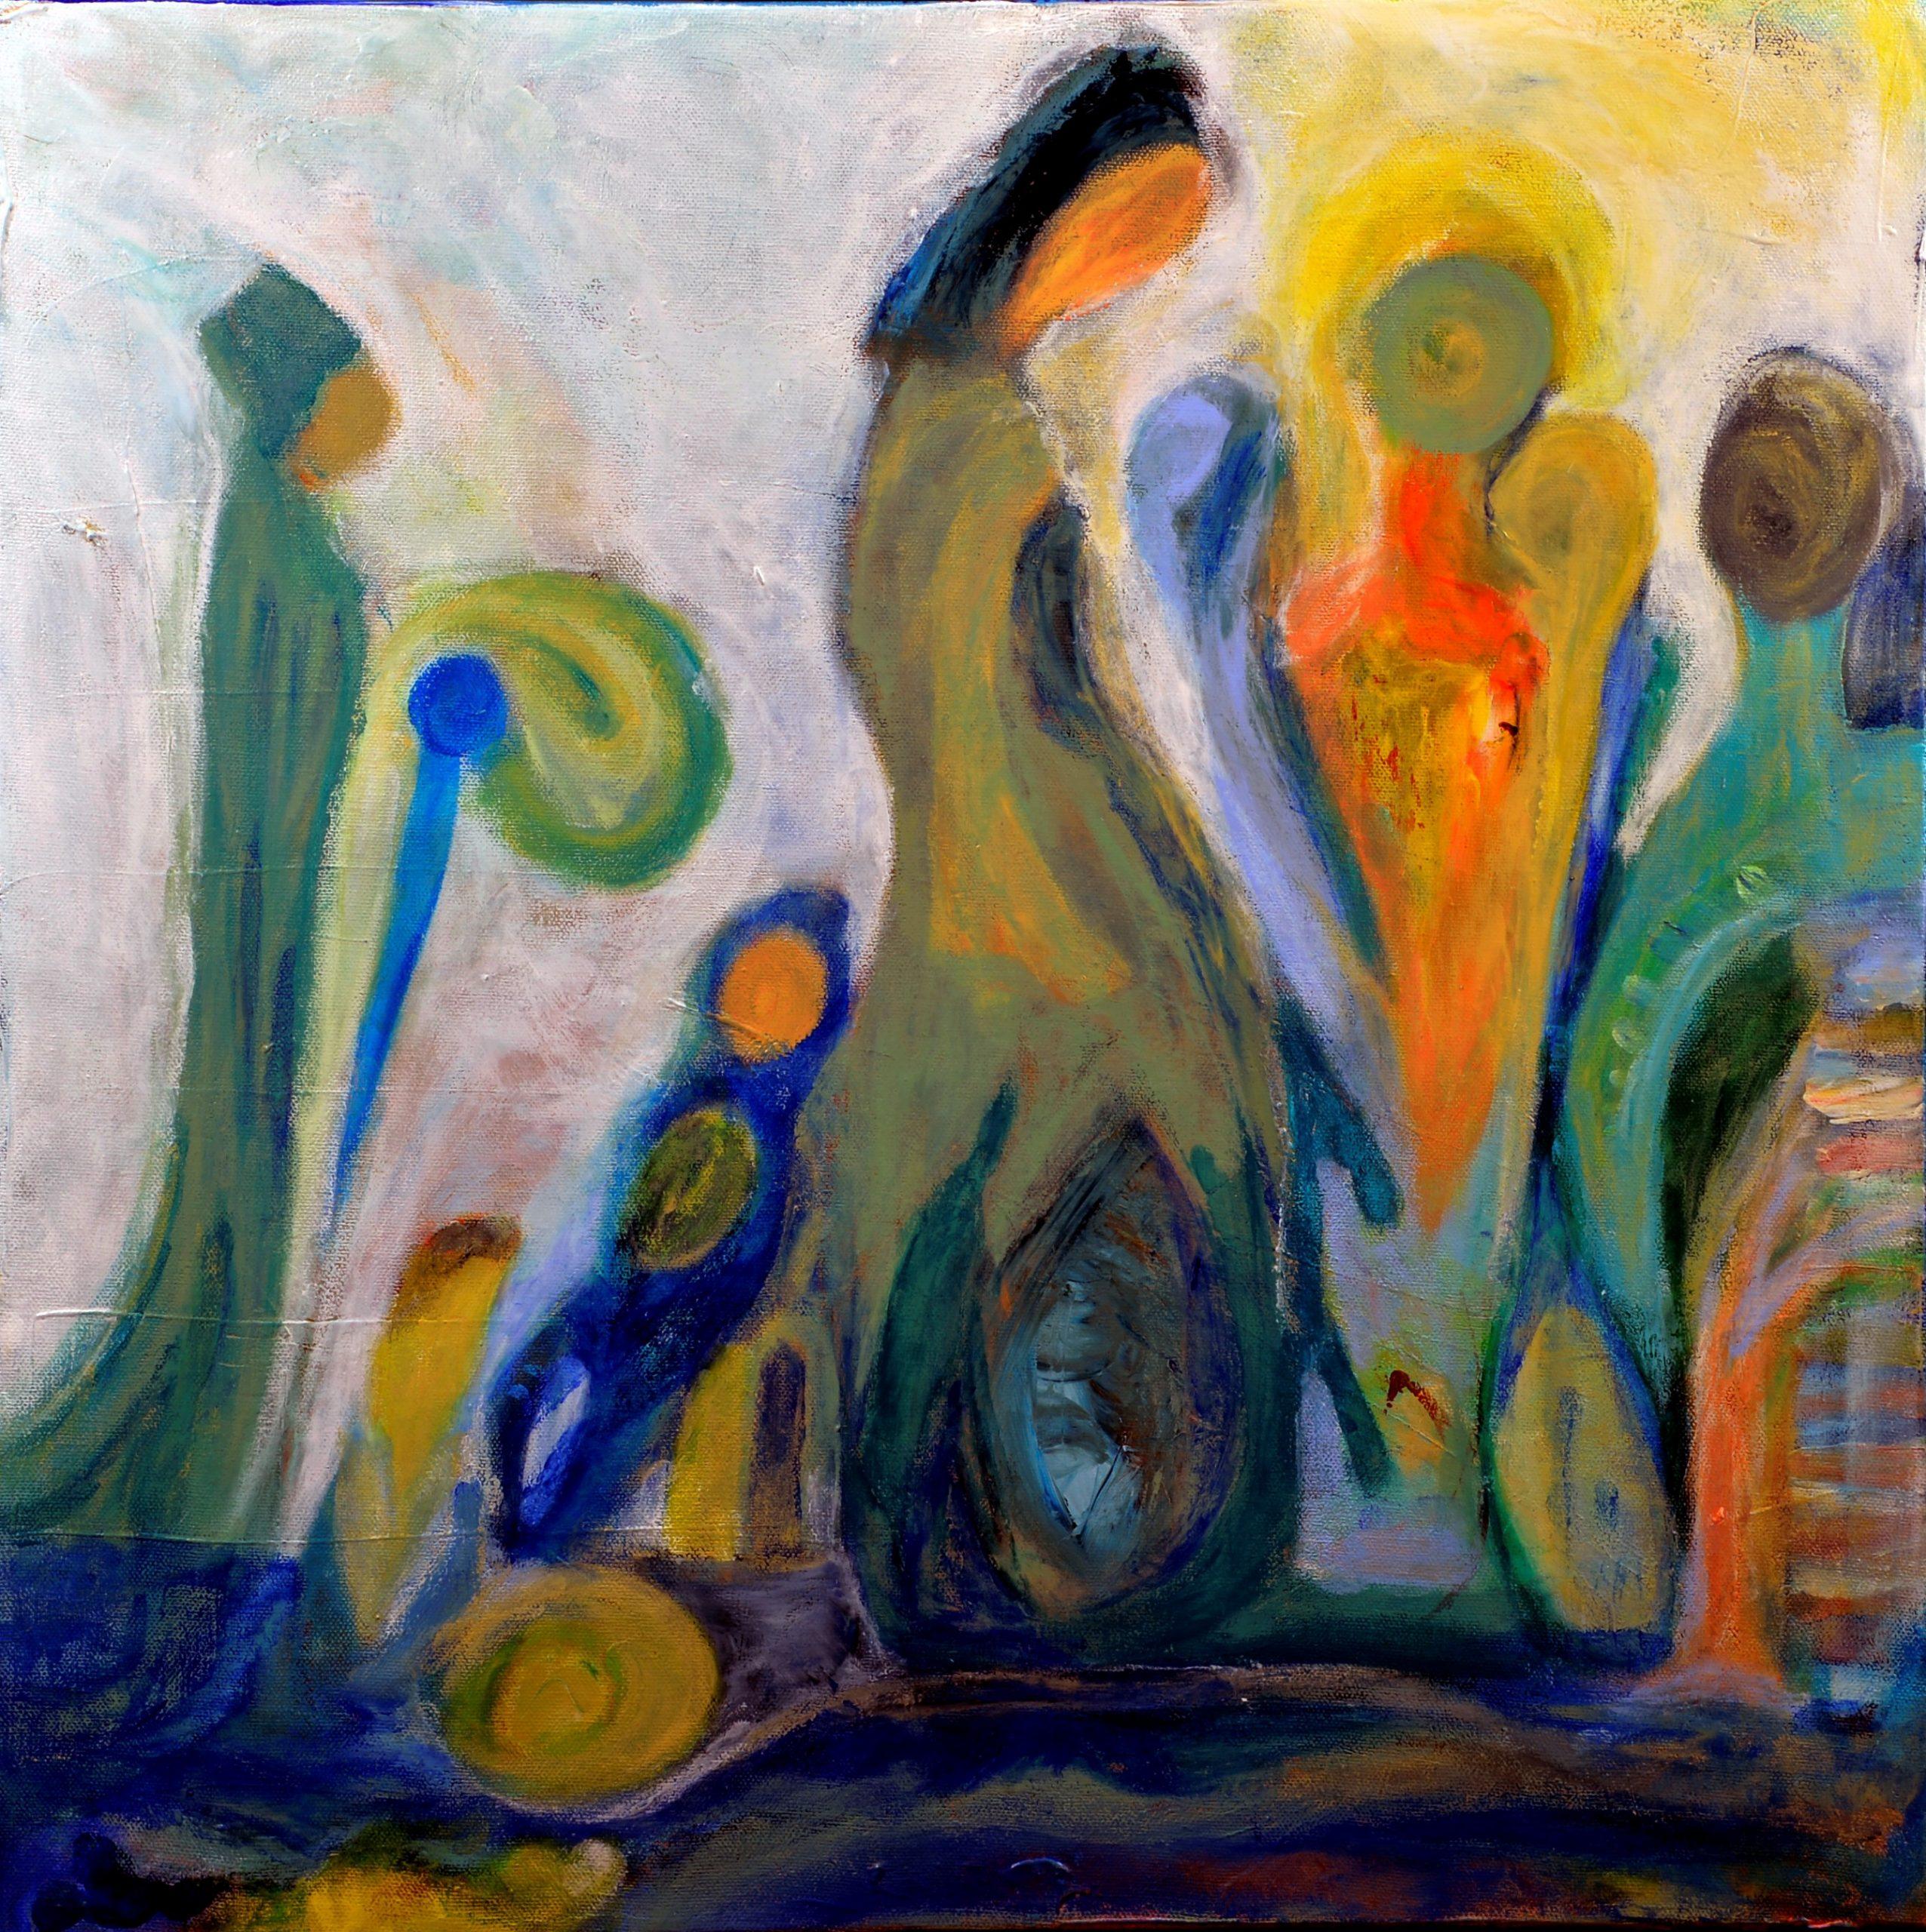 Dreamers by Kari Veastad